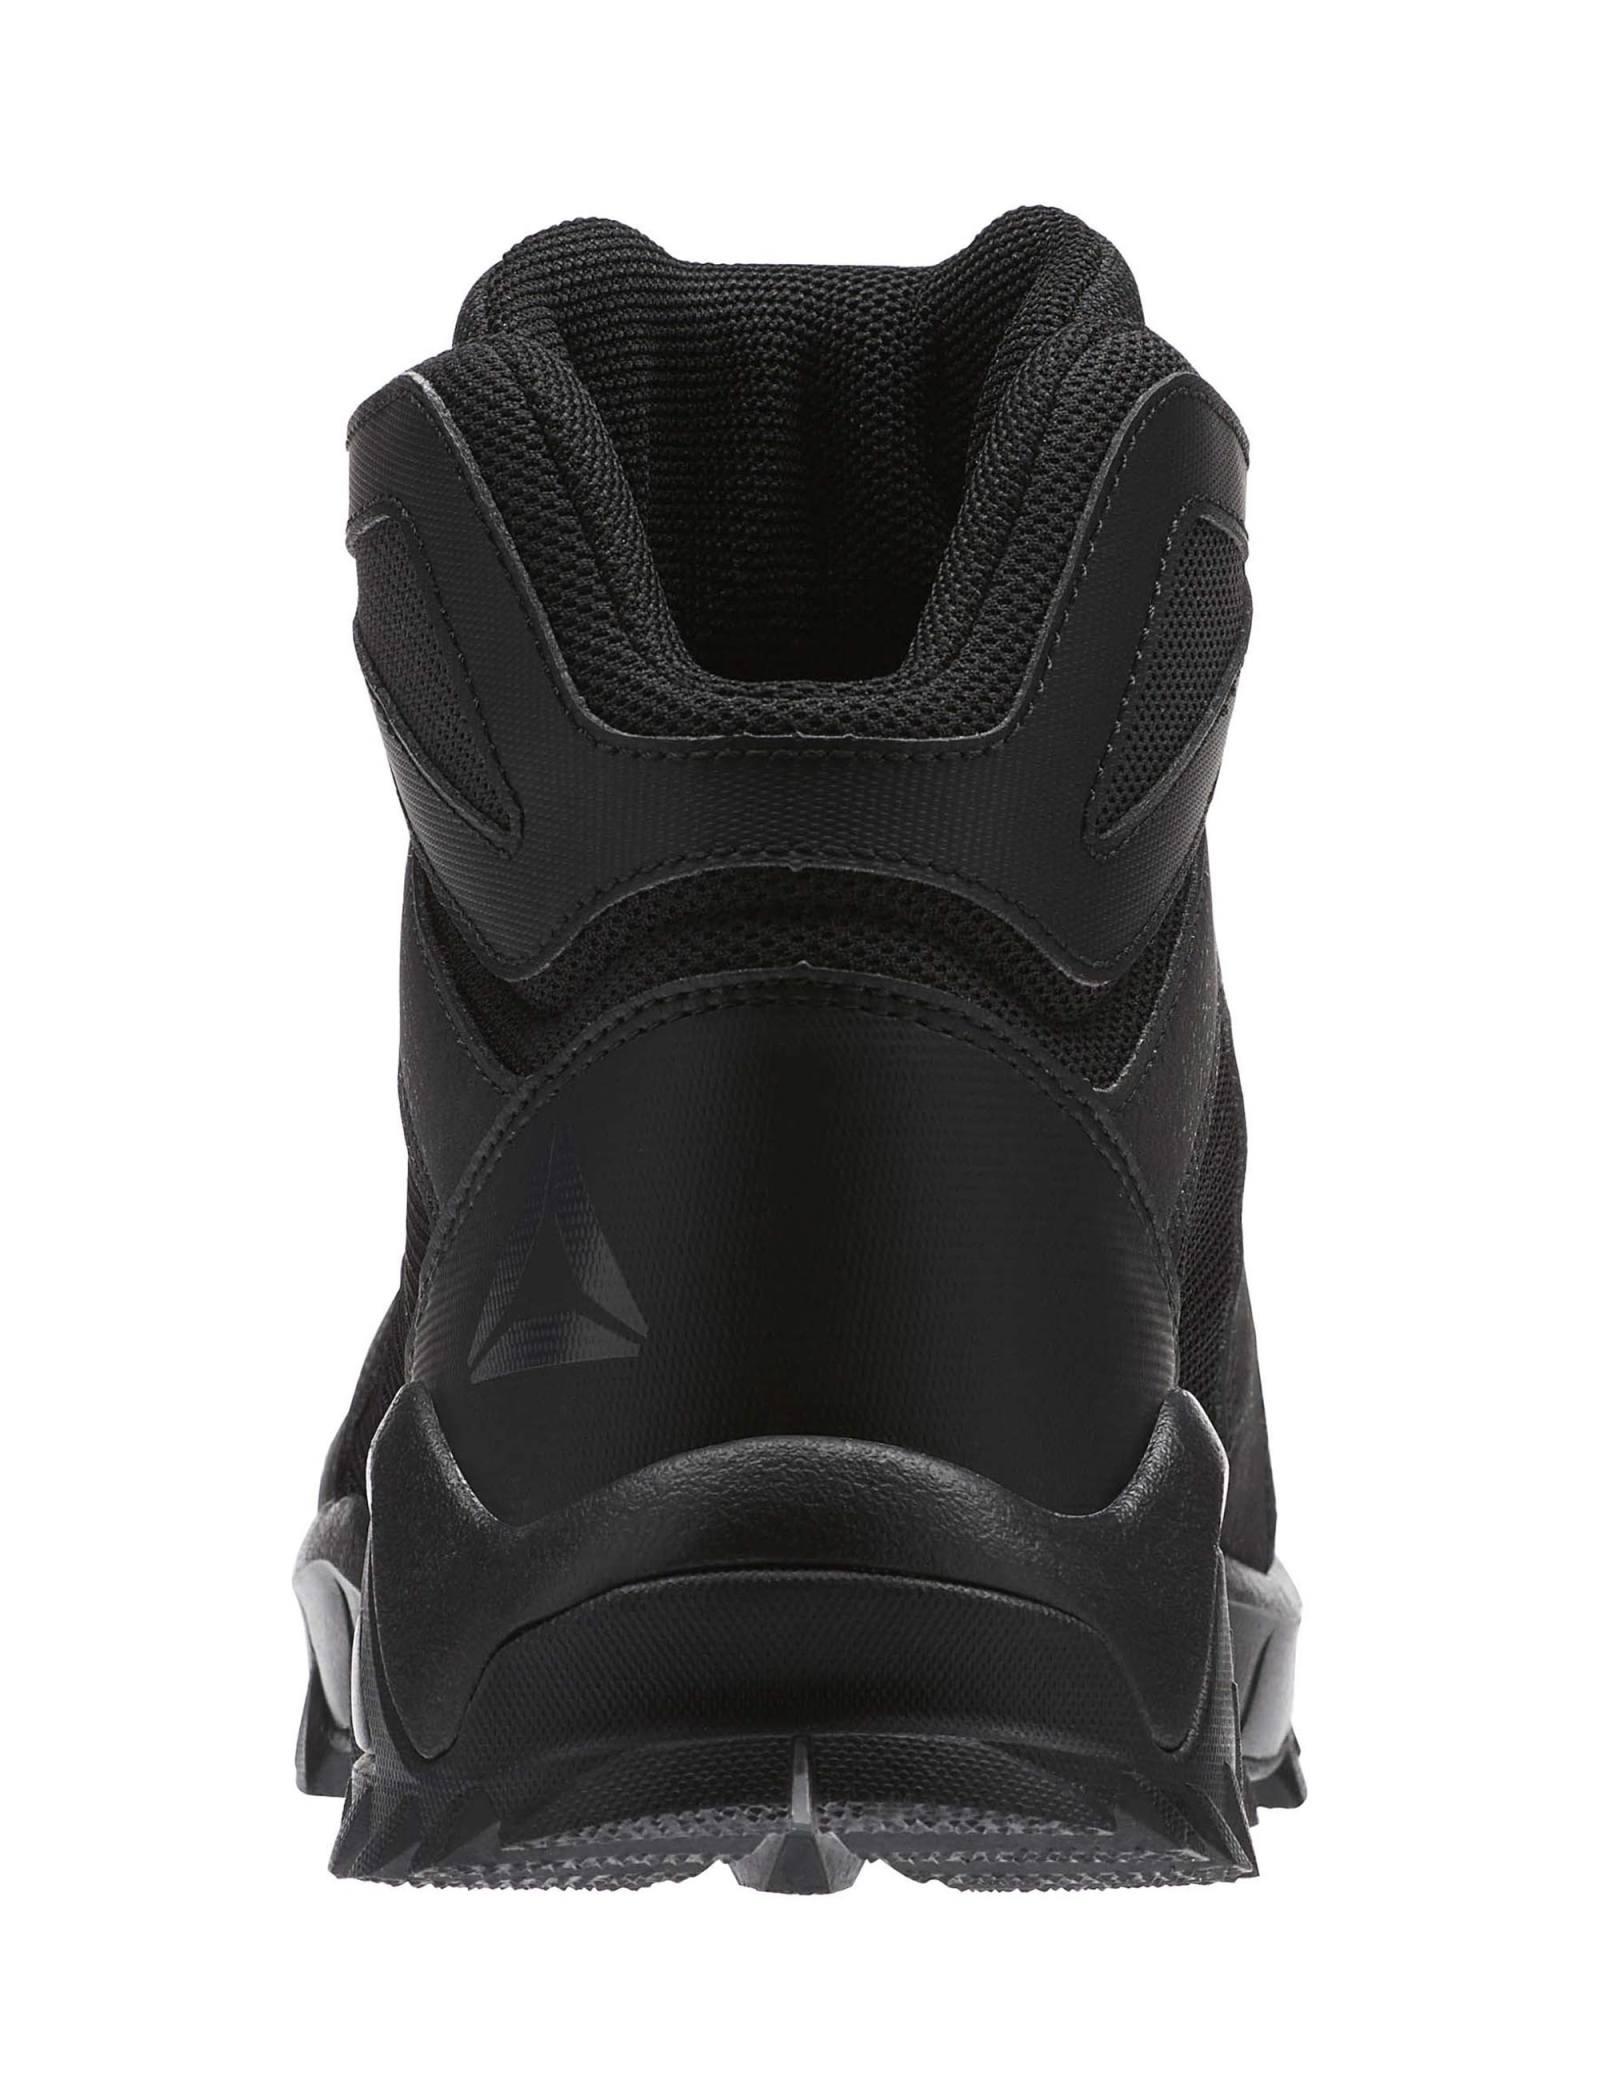 کفش طبیعت گردی بندی مردانه Trailgrip Mid 6-0 - ریباک - مشکي - 6